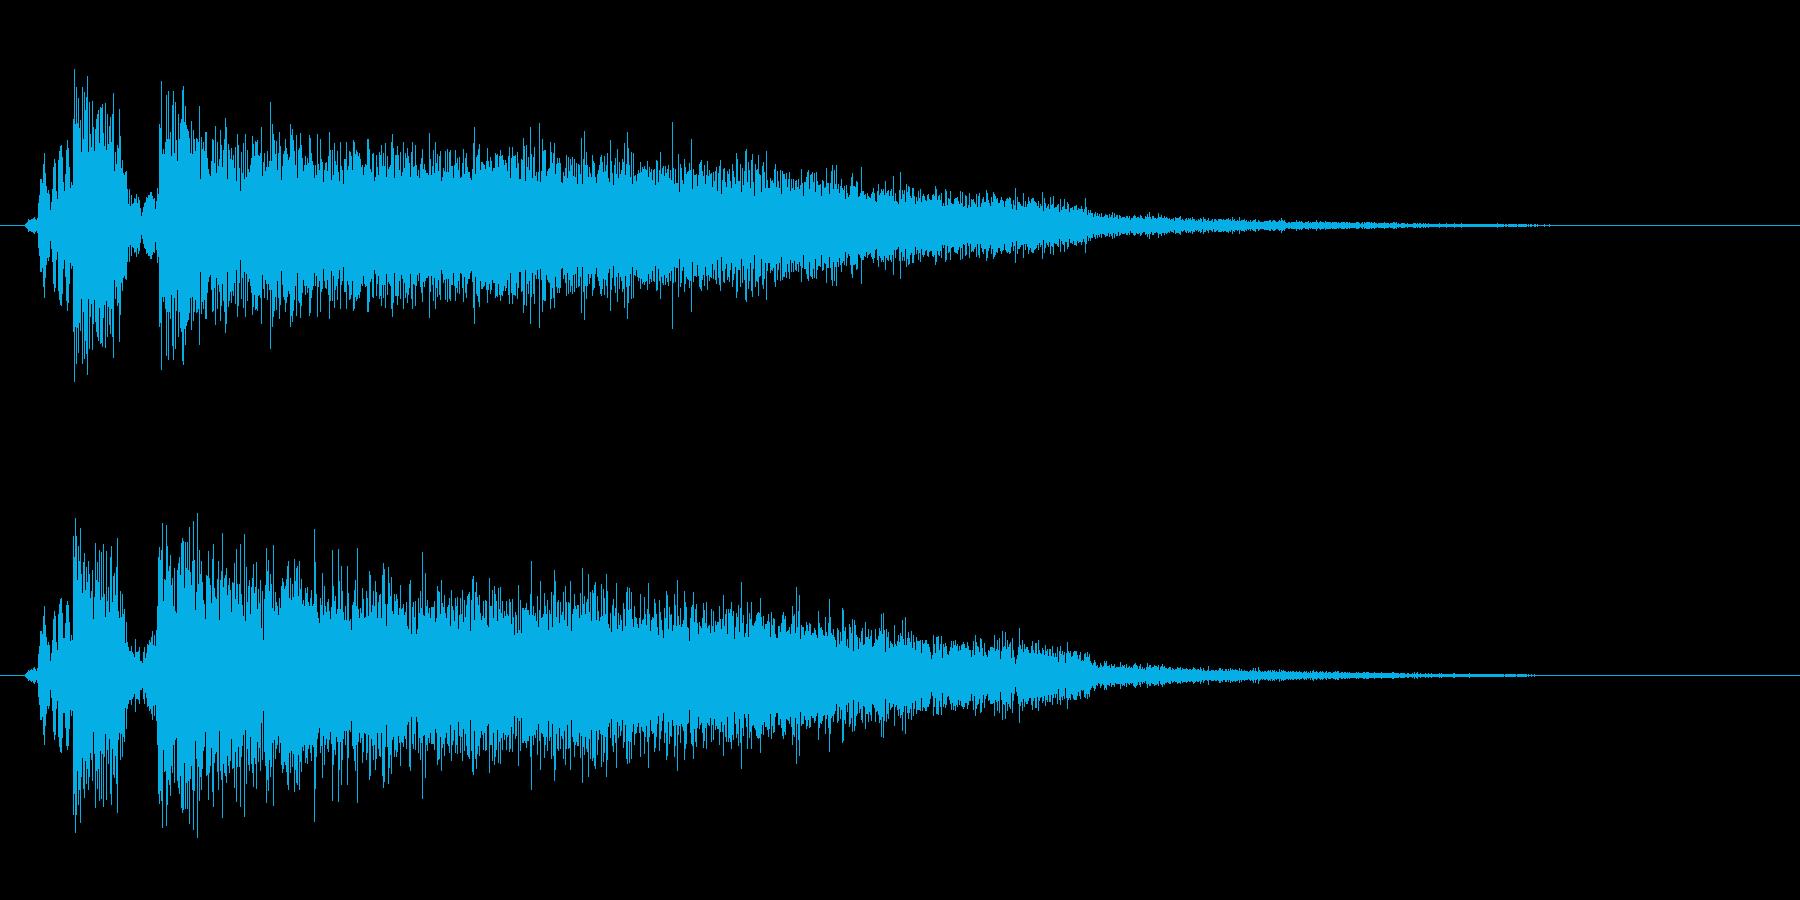 ドシューッ(勢いを感じる効果音)の再生済みの波形